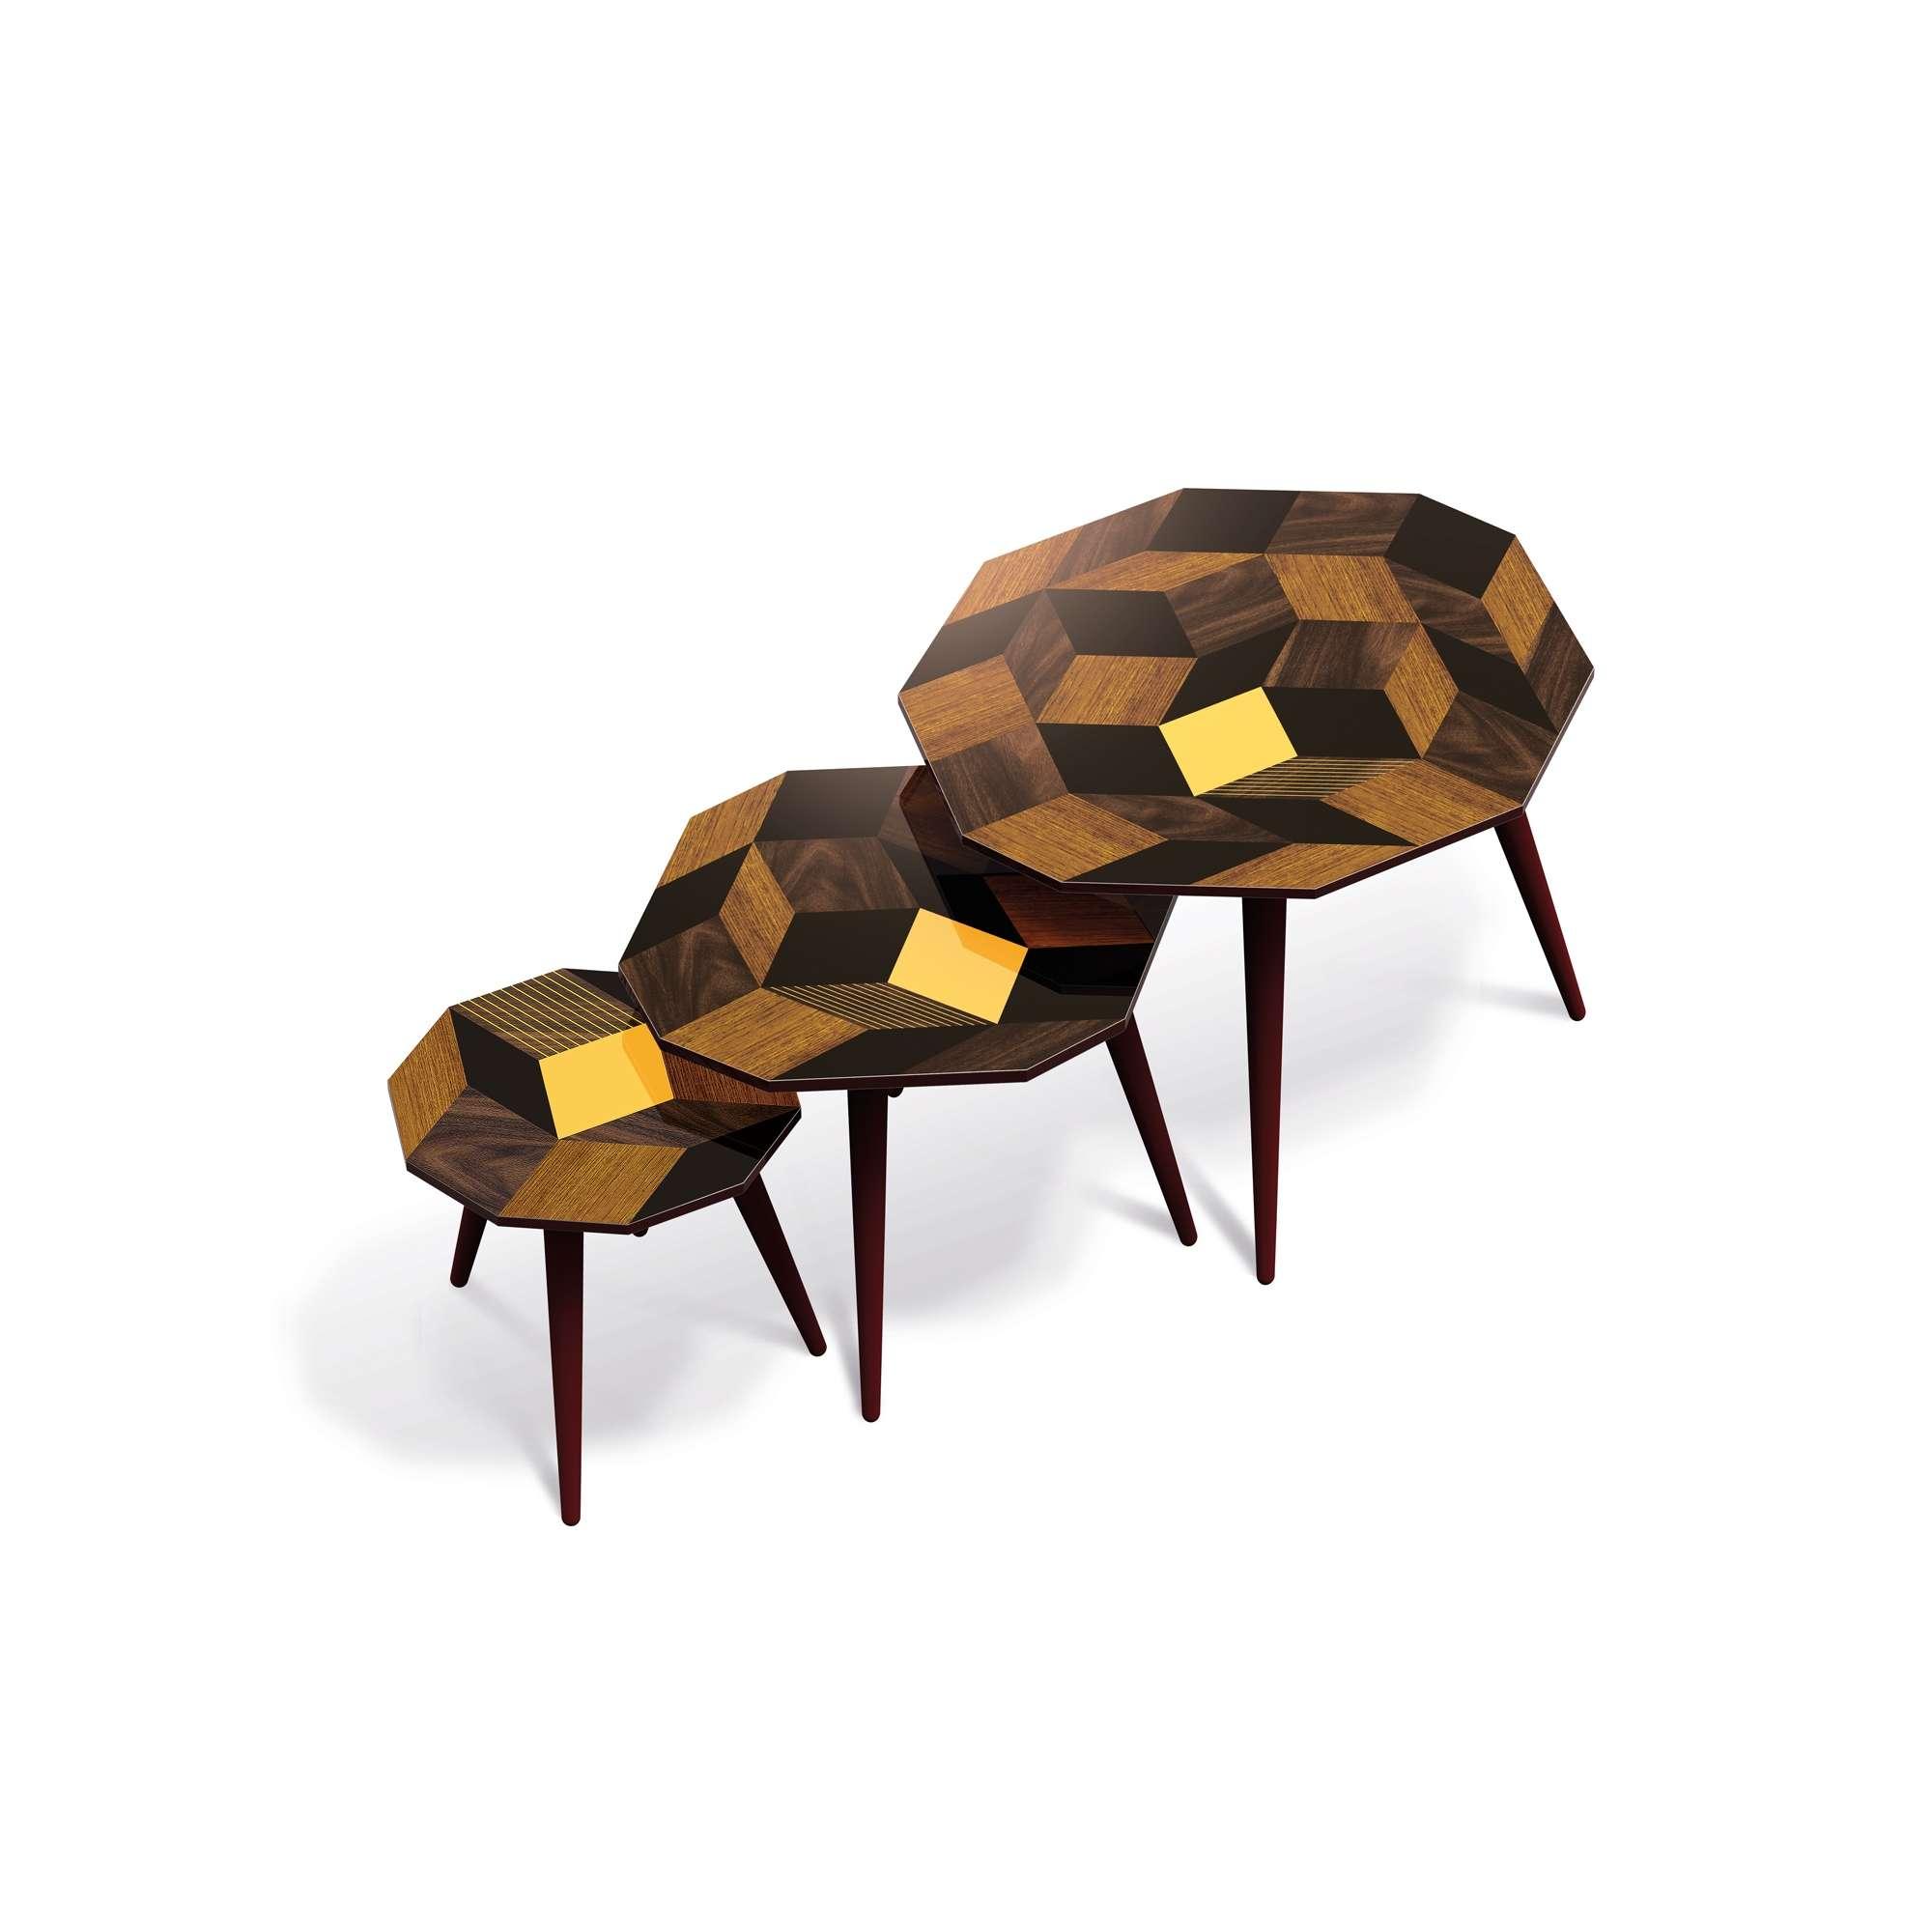 Tables d'appoints gigognes, motif Penrose au couleur d'été Summer Wood, Design IchetKar édition Bazartherapy